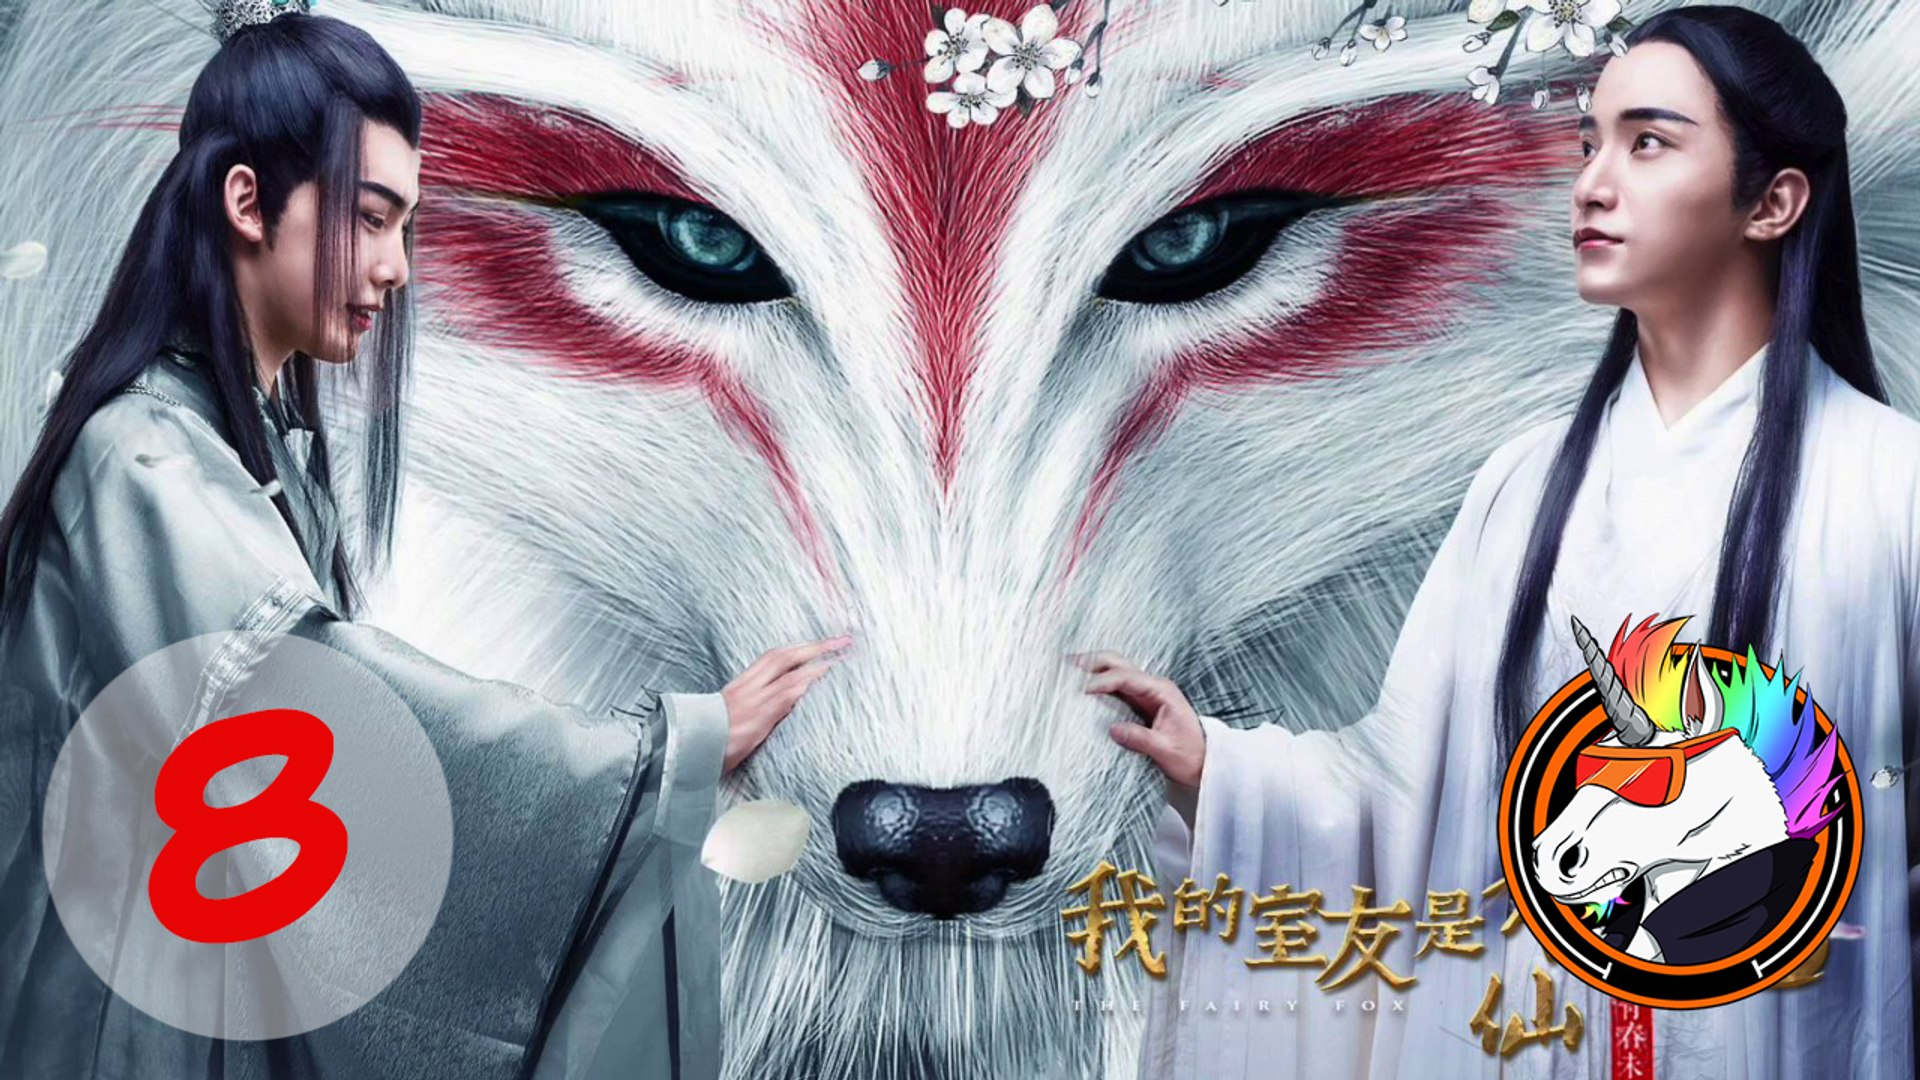 我的室友是狐仙The Fairy Fox 8.Bölüm Türkçe Altyazı İzle BL [Boys Love]